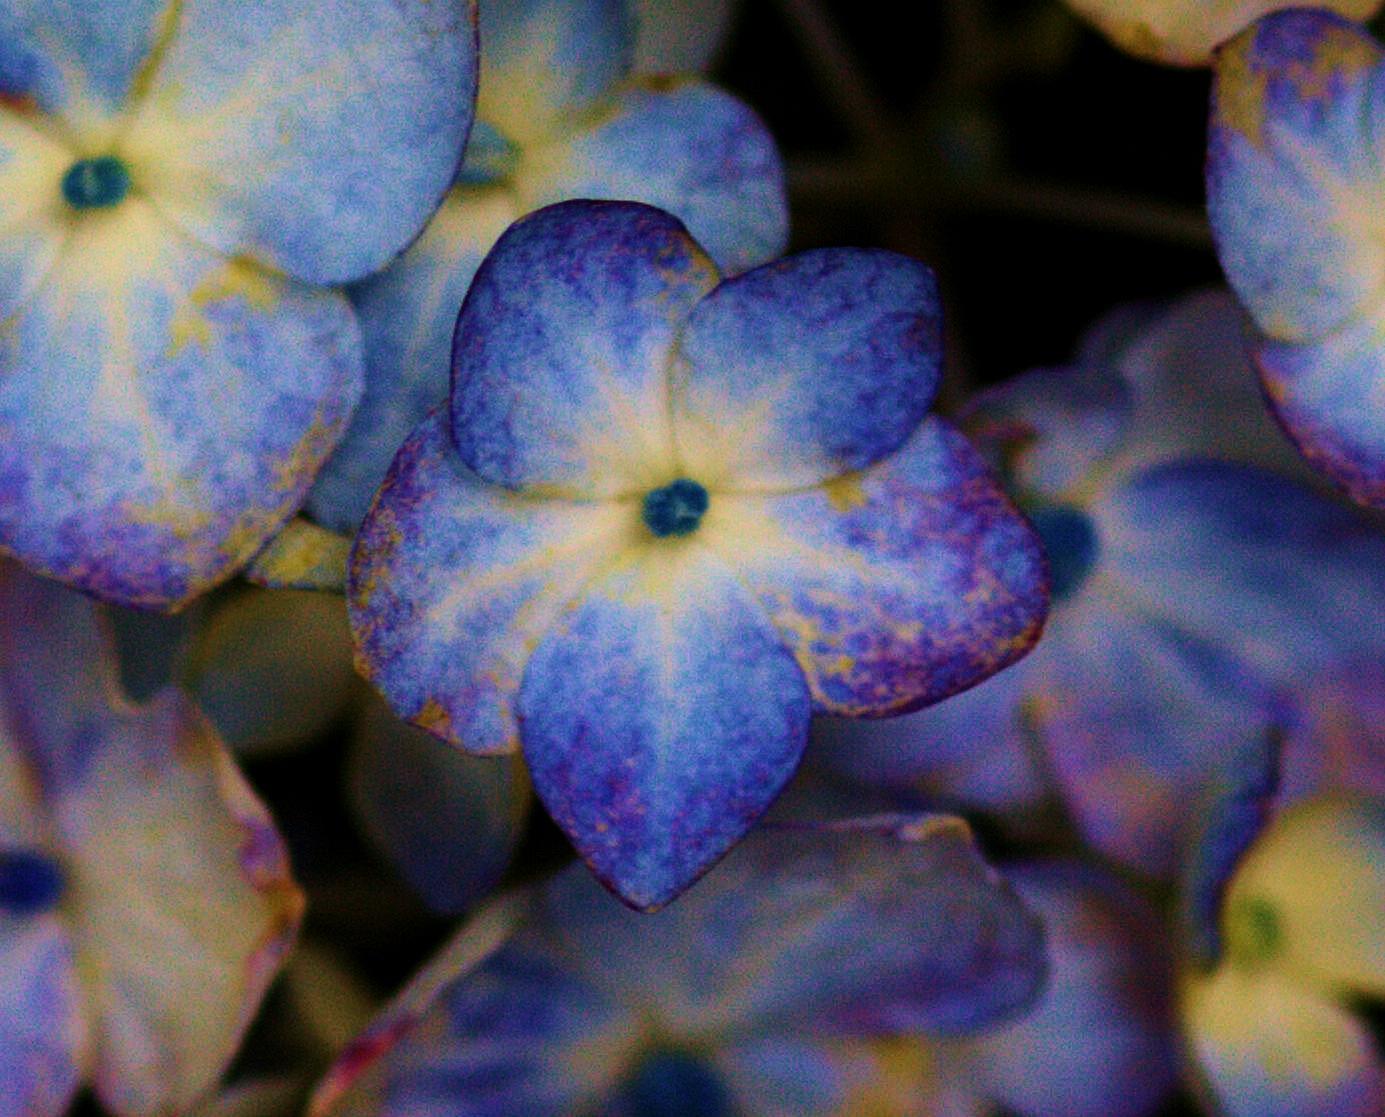 Small Blue Hydrangea Flower by jdwines